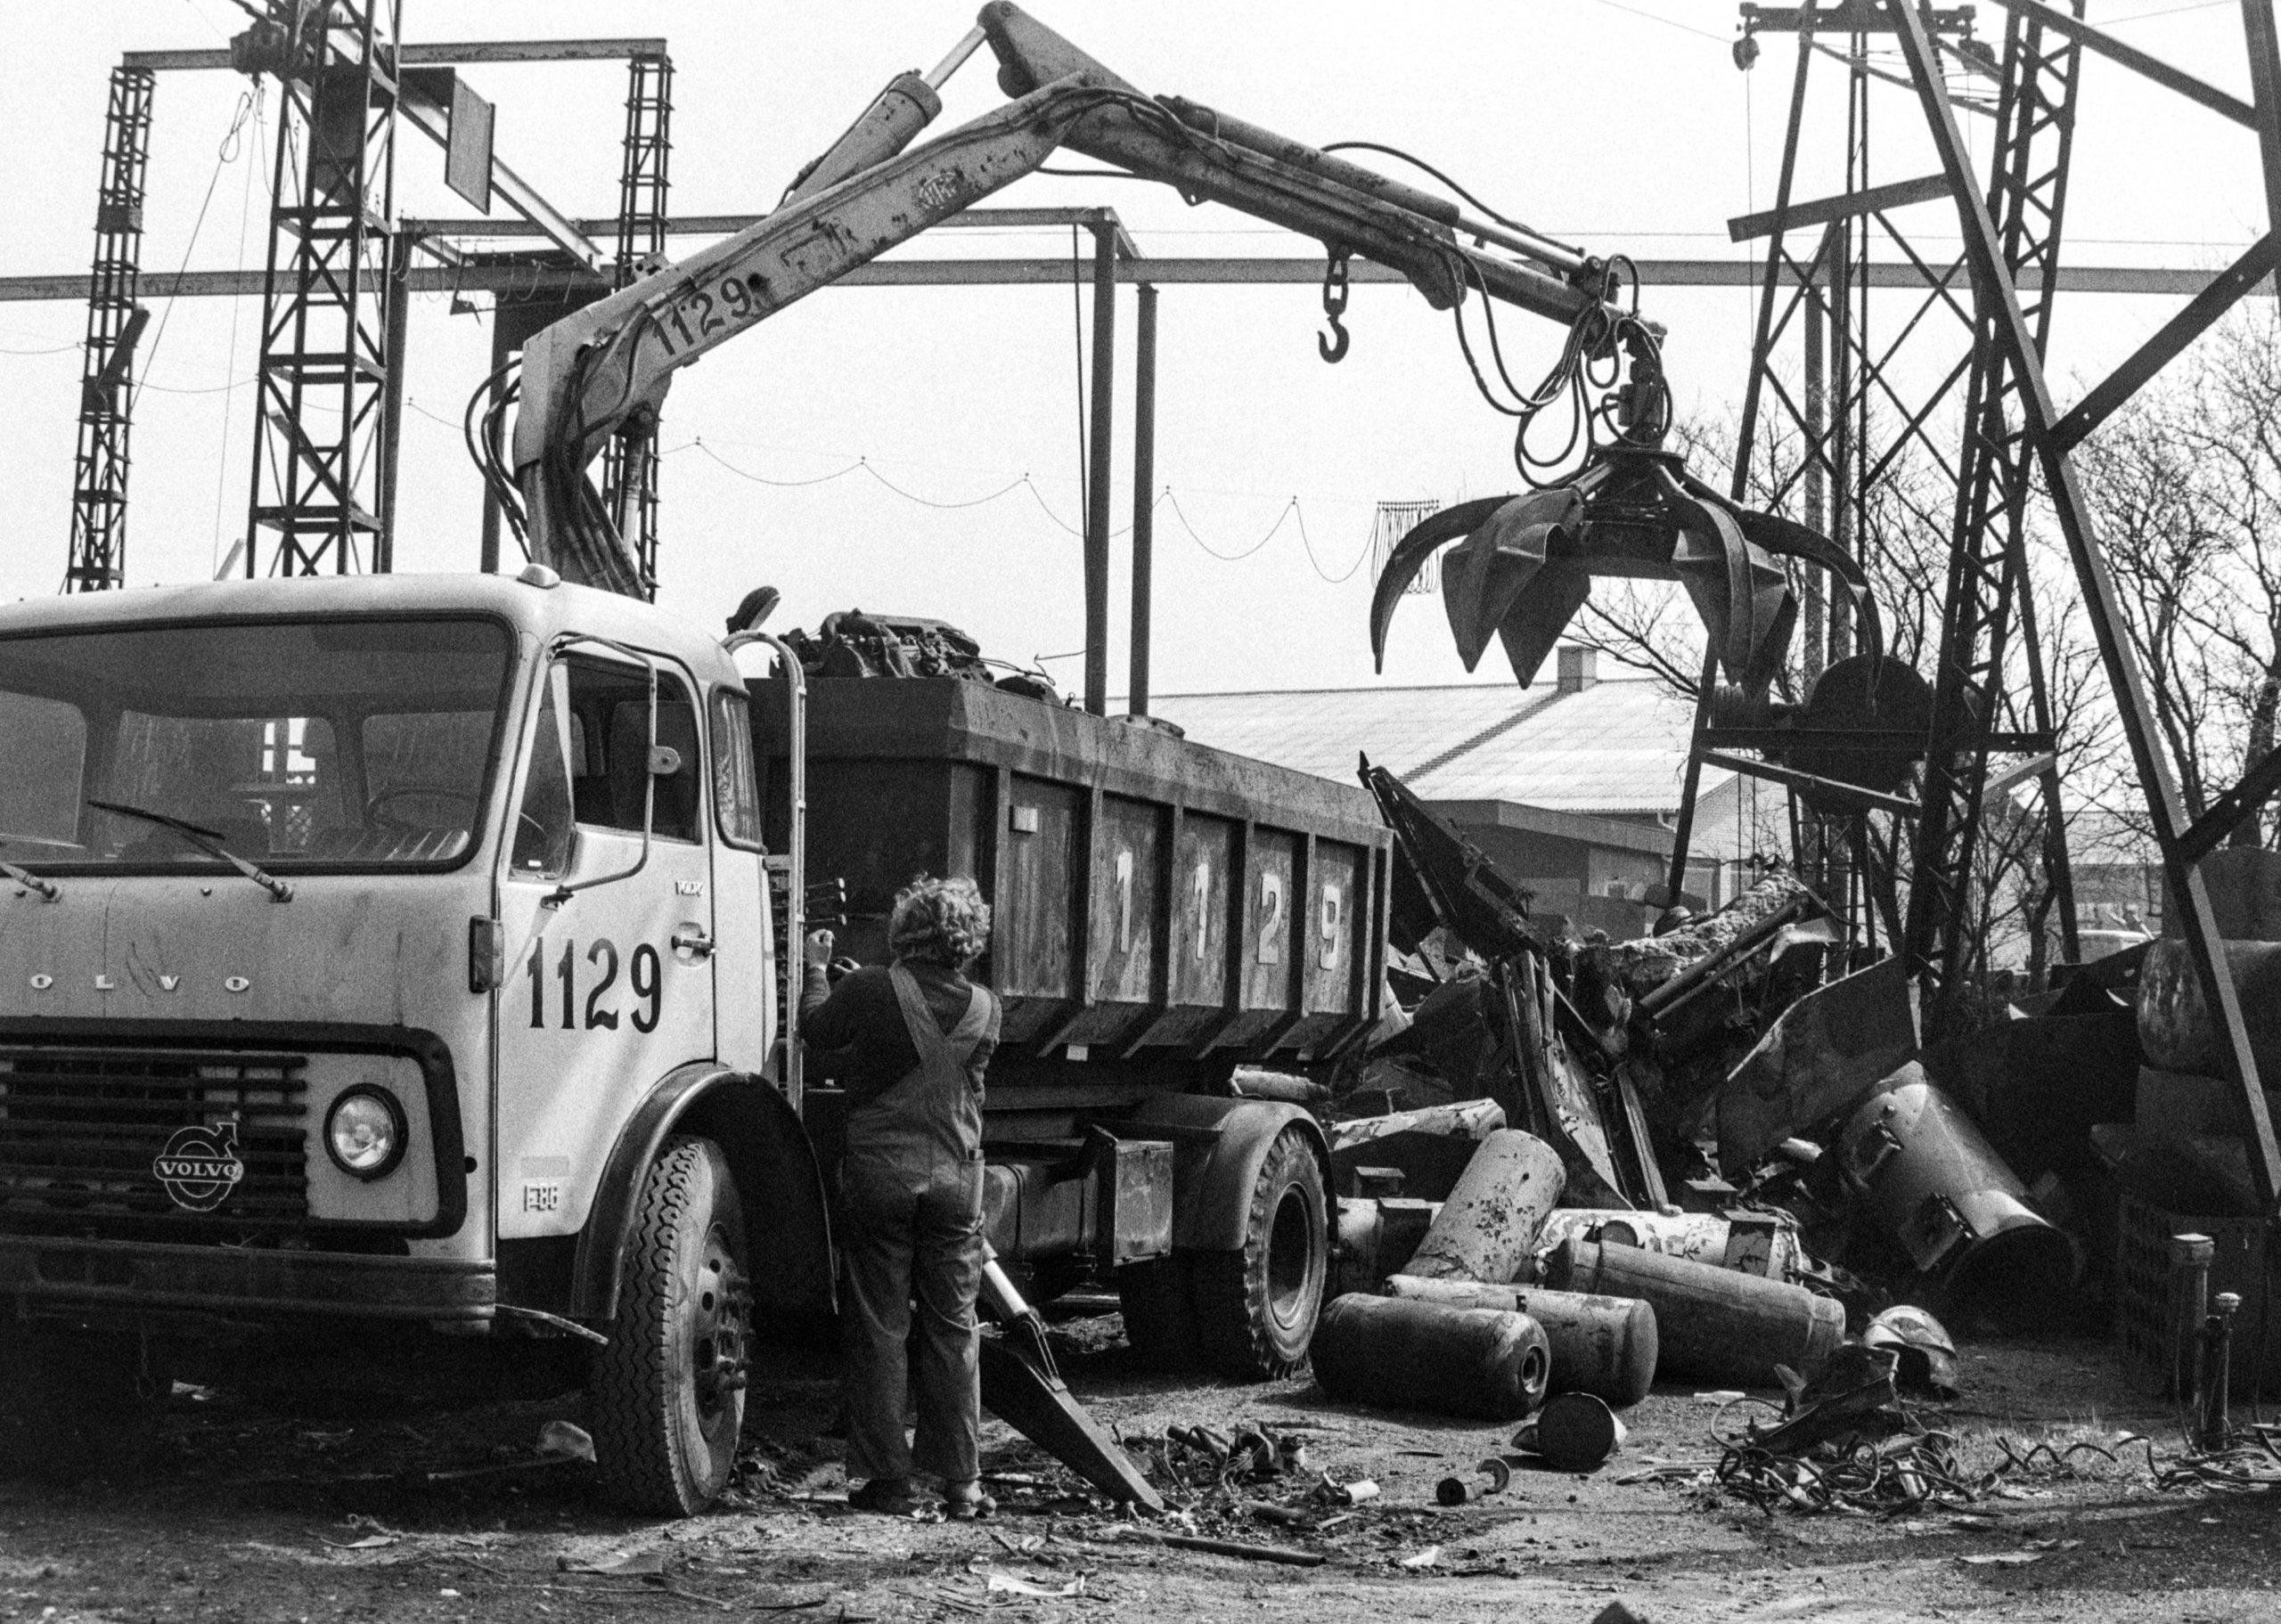 1129 - Bornholms Produkthandel - Aflæsning af skrotmetal - Ca 1980